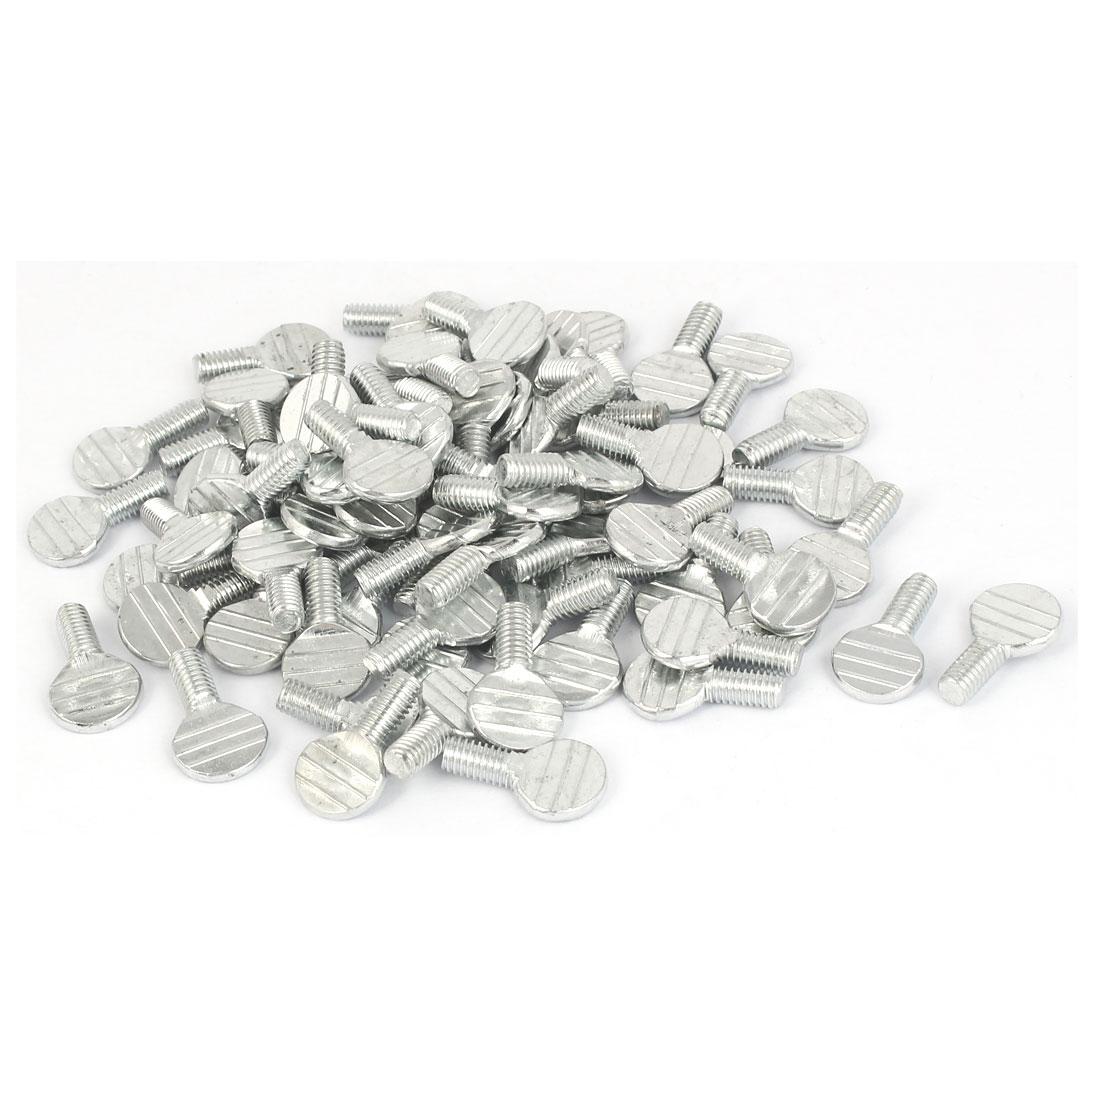 M6 x 12mm Thread Carbon Steel Flat Head Racket Thumb Screws 100 Pcs